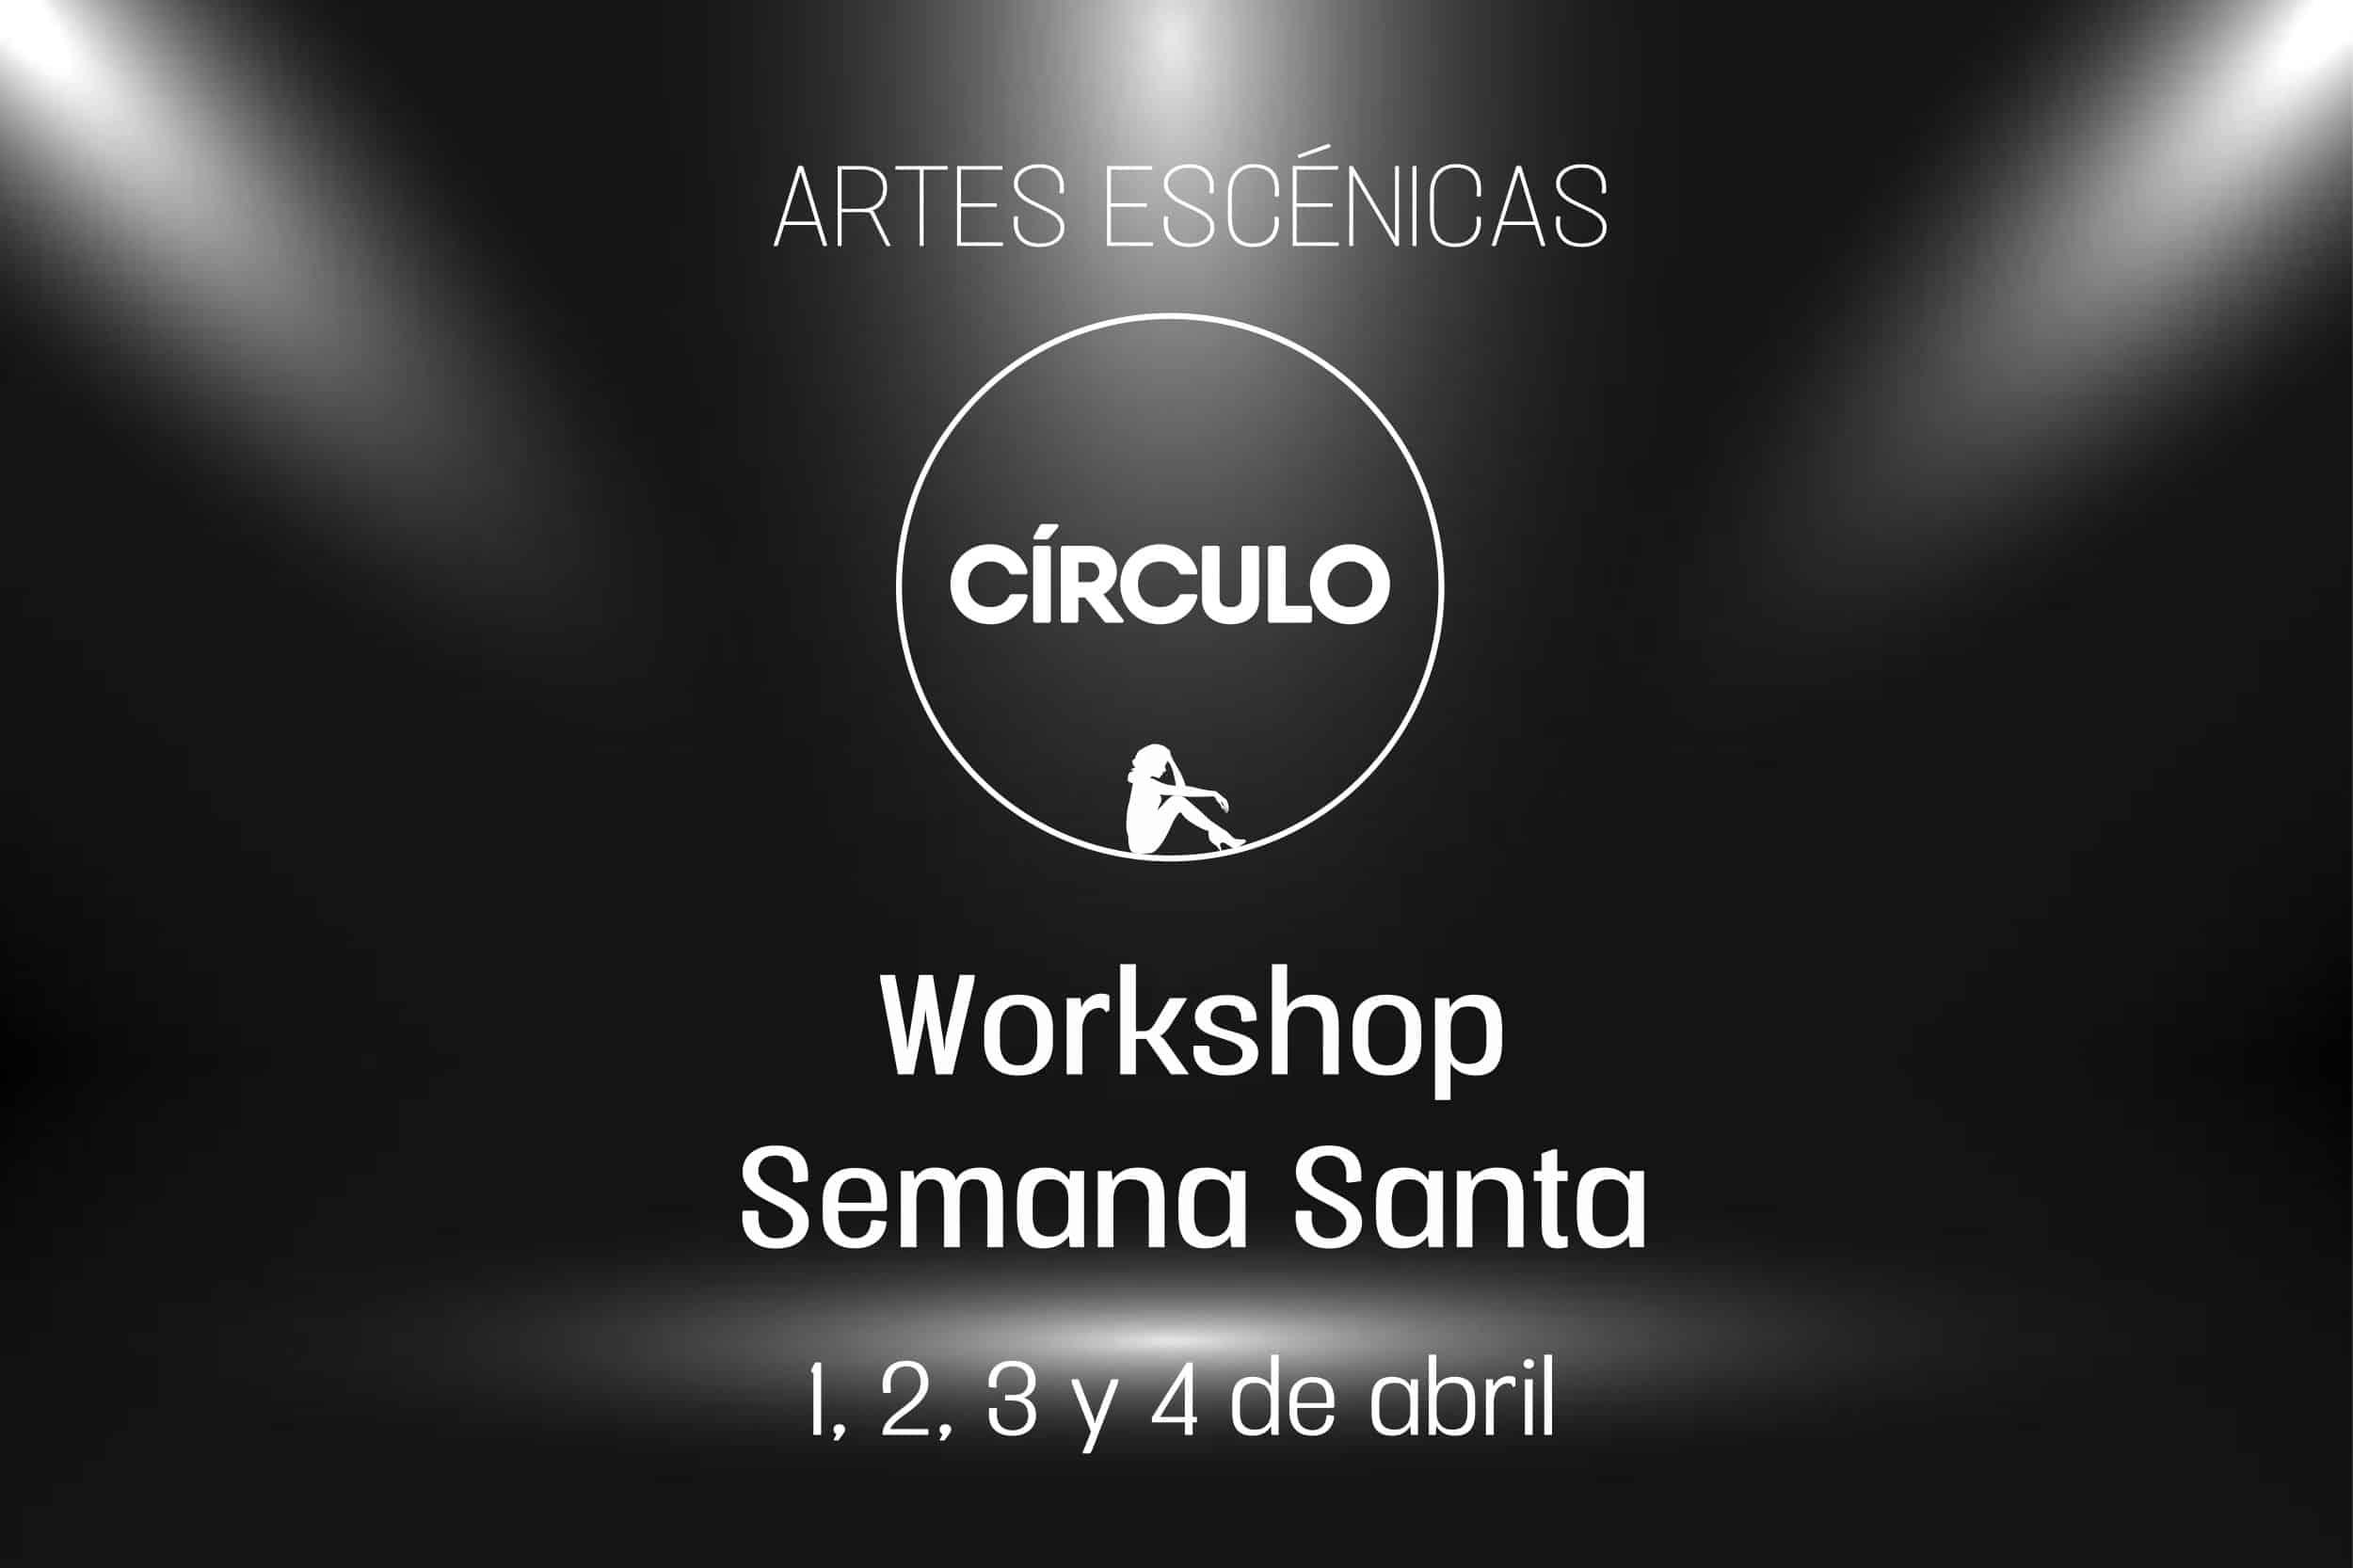 Círculo de Baile. Artes Escénicas. Workshop Teatro Musical 12 a 16 años